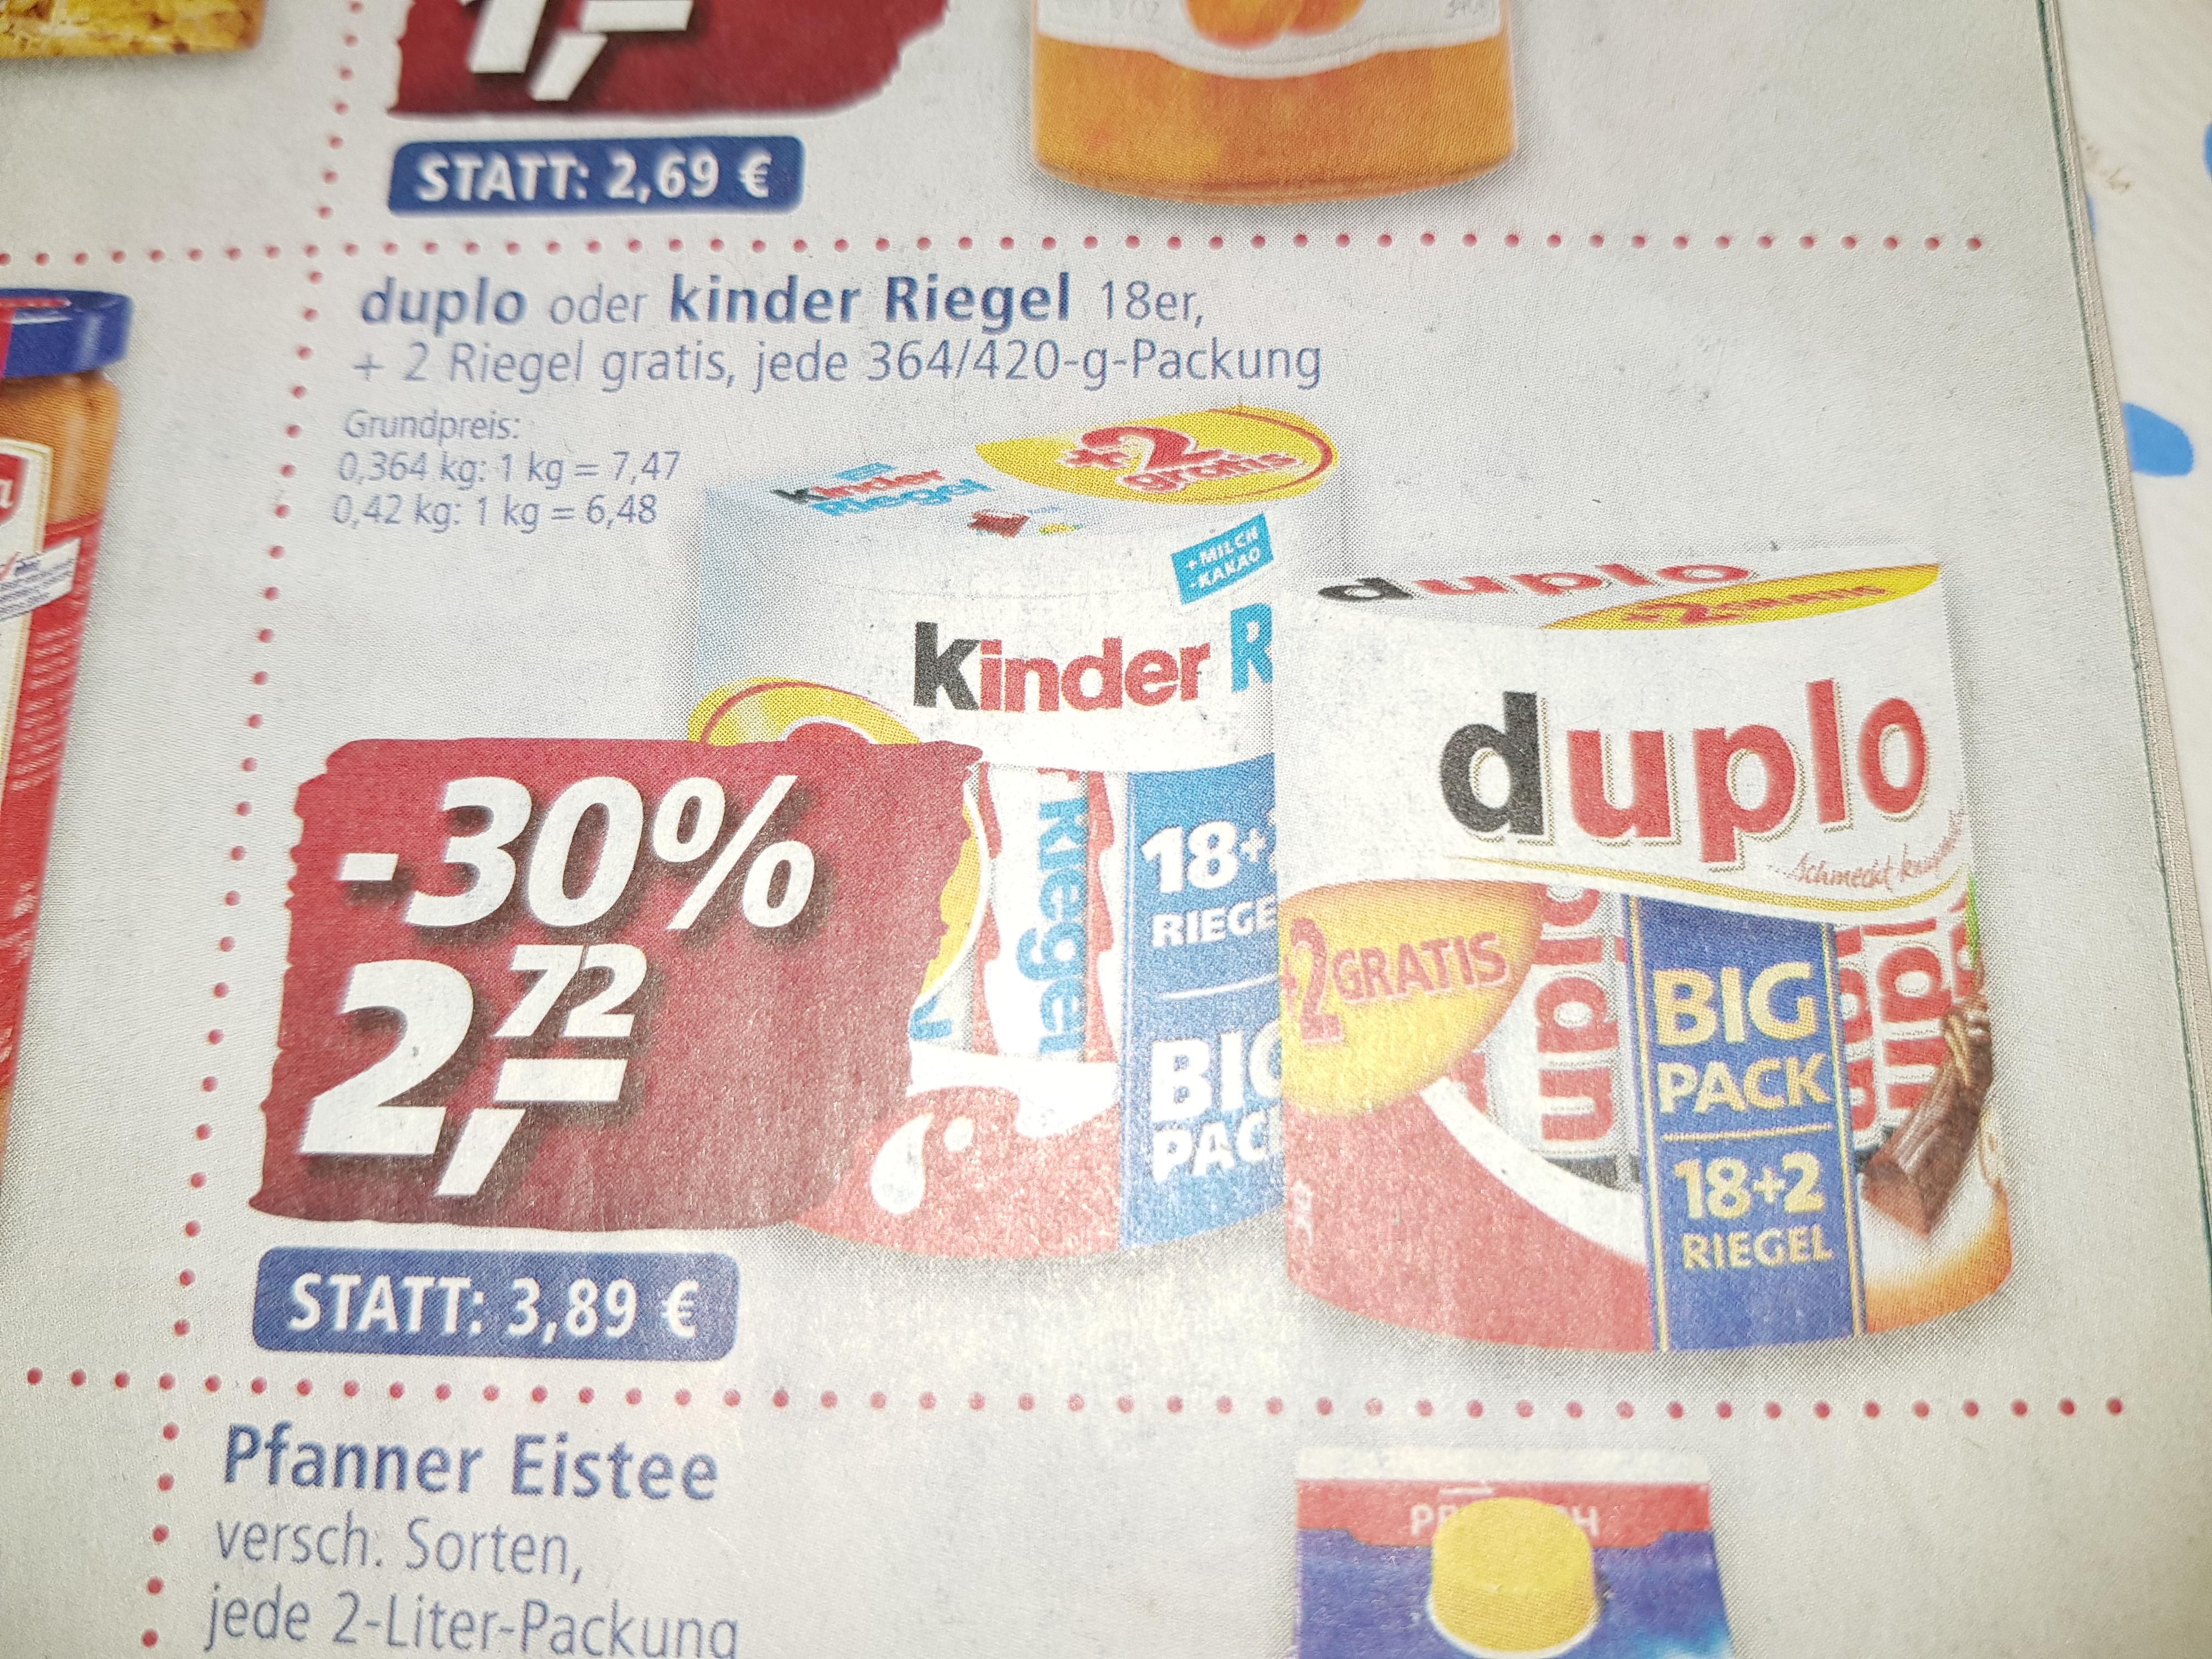 Duplo oder Kinder Riegel 18+2 Big Pack bei real